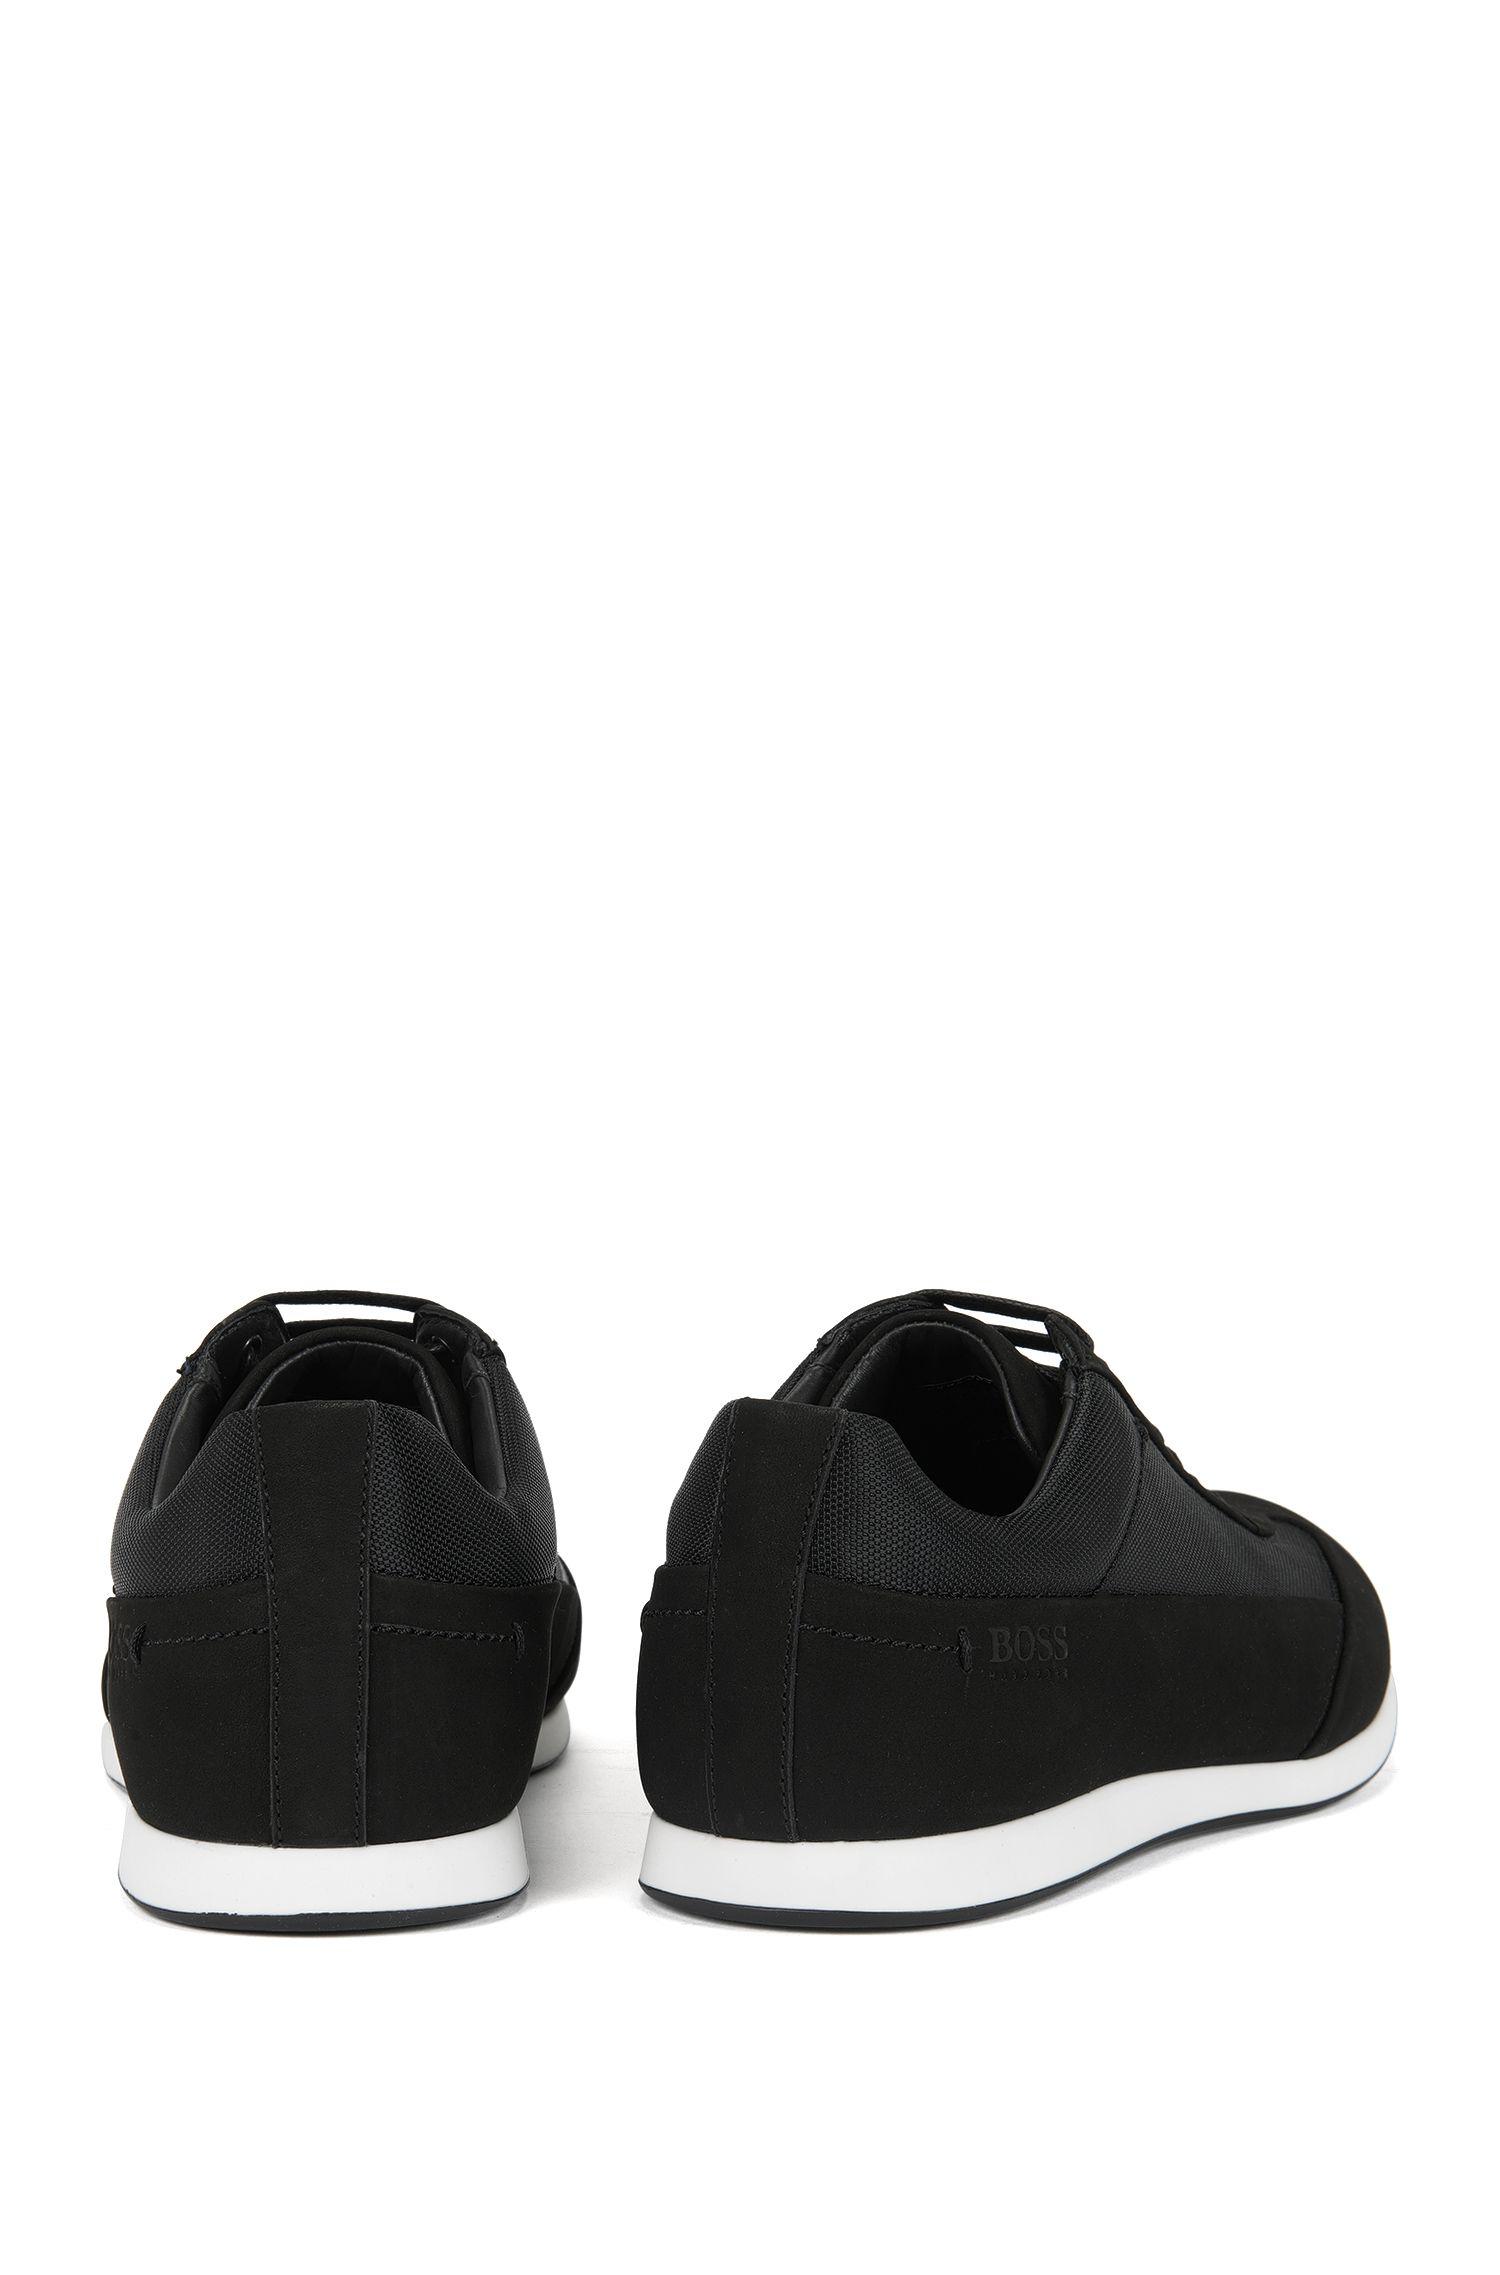 Leren vetersneakers met gestructureerde vlakken van BOSS Menswear, Zwart